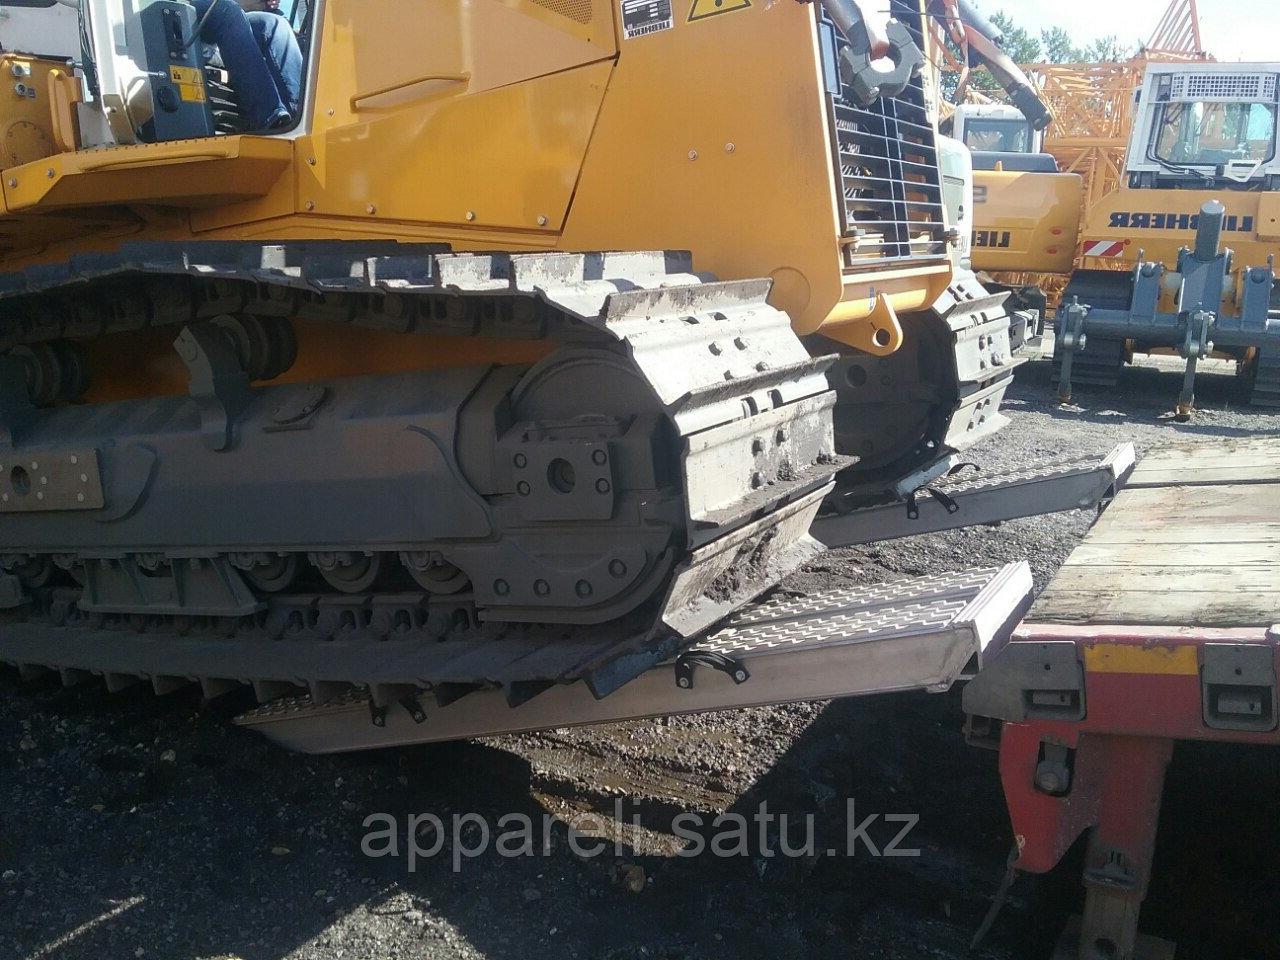 Алюминиевые аппарели до 23 тонн длина 2900 мм